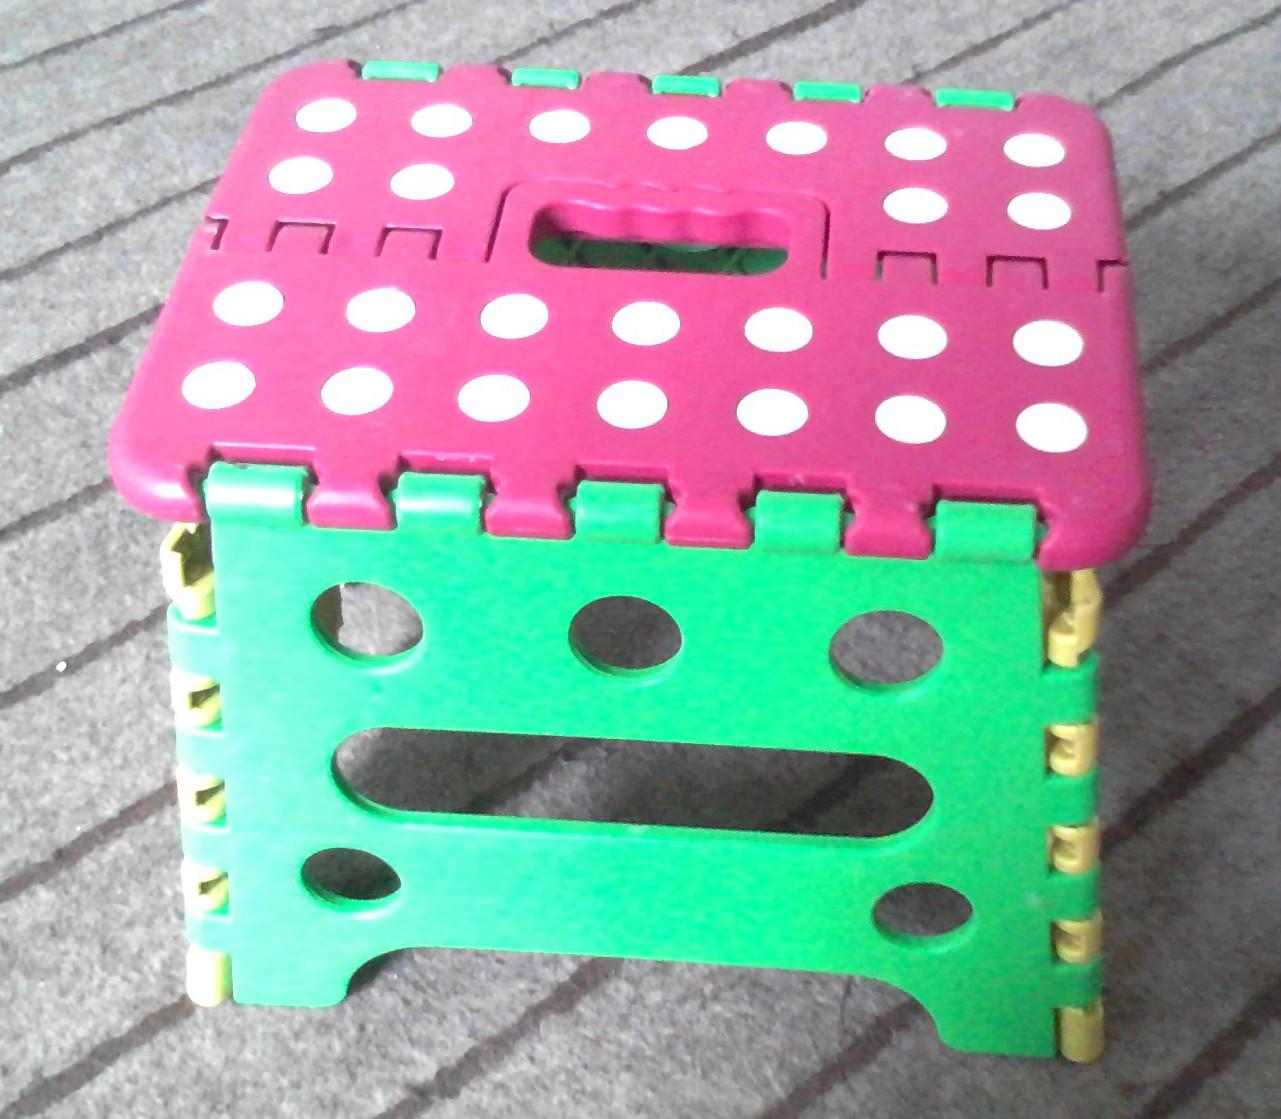 Складной табурет Два пакета почты портативный складной рыбалка стул/складной стул стул стул/табурет/скамейке/очередь/пластик